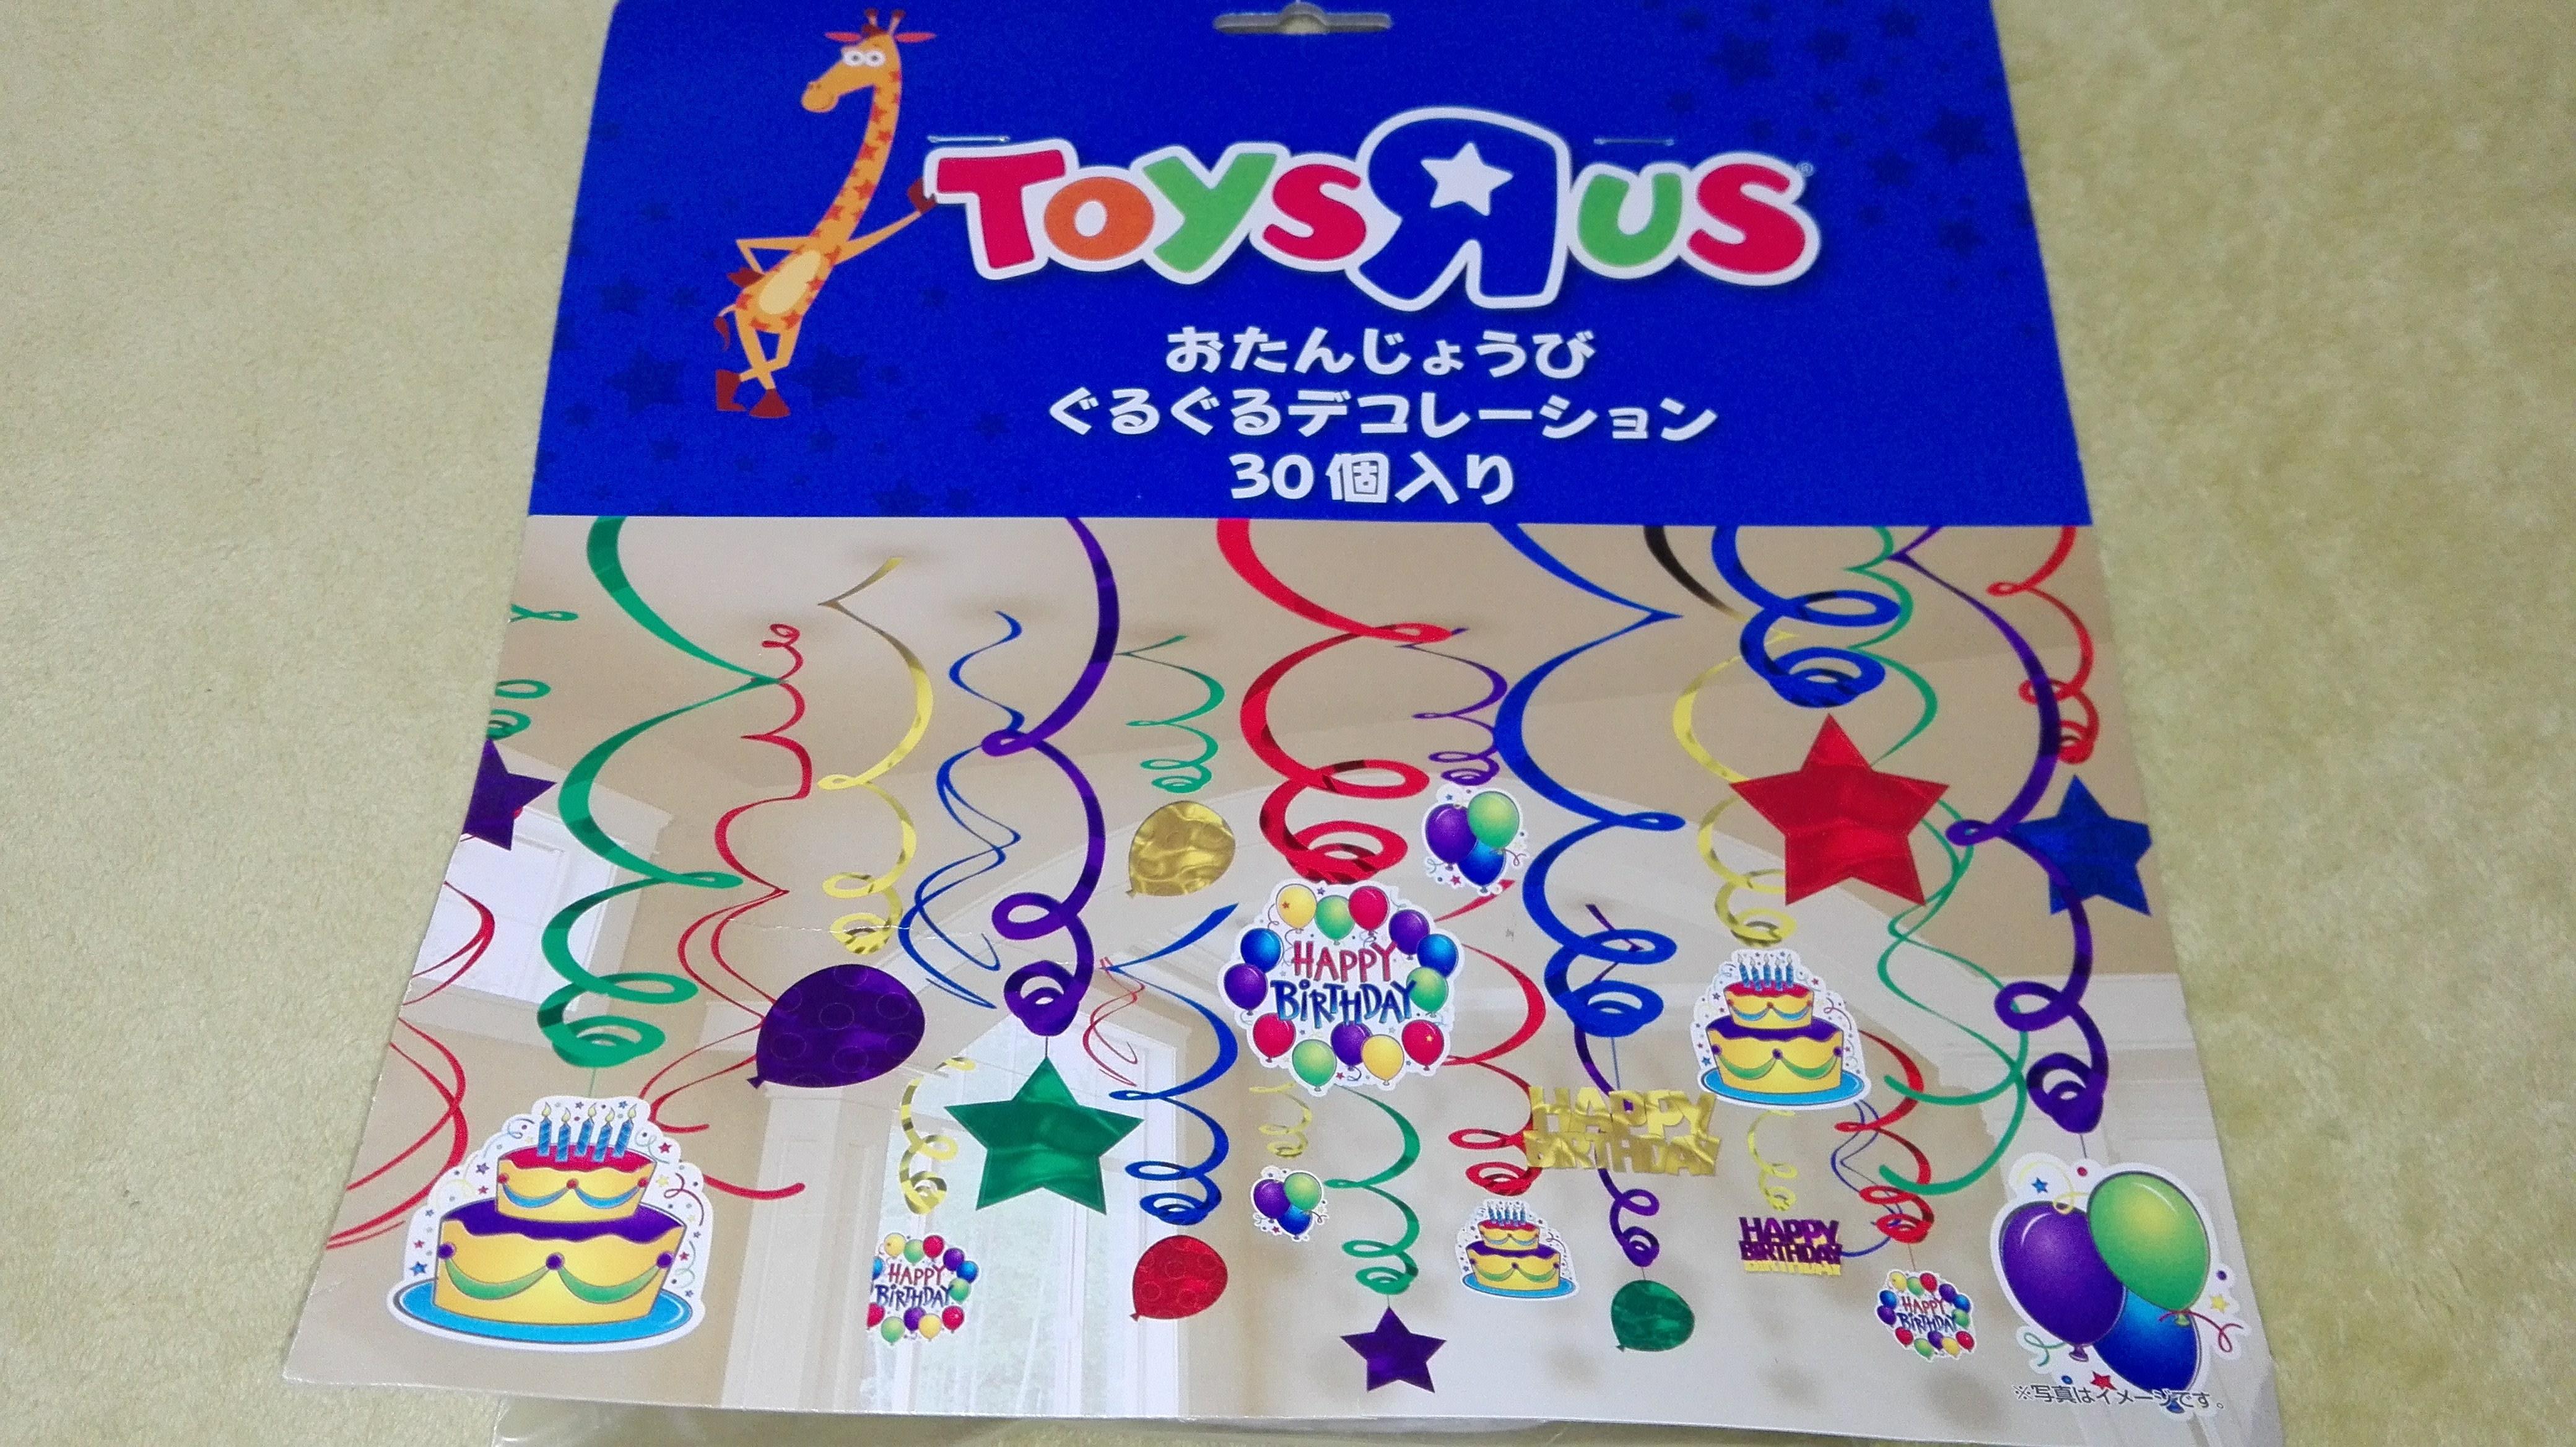 【体験談】祖父母もパパママも大満足!1才誕生日の過ごし方